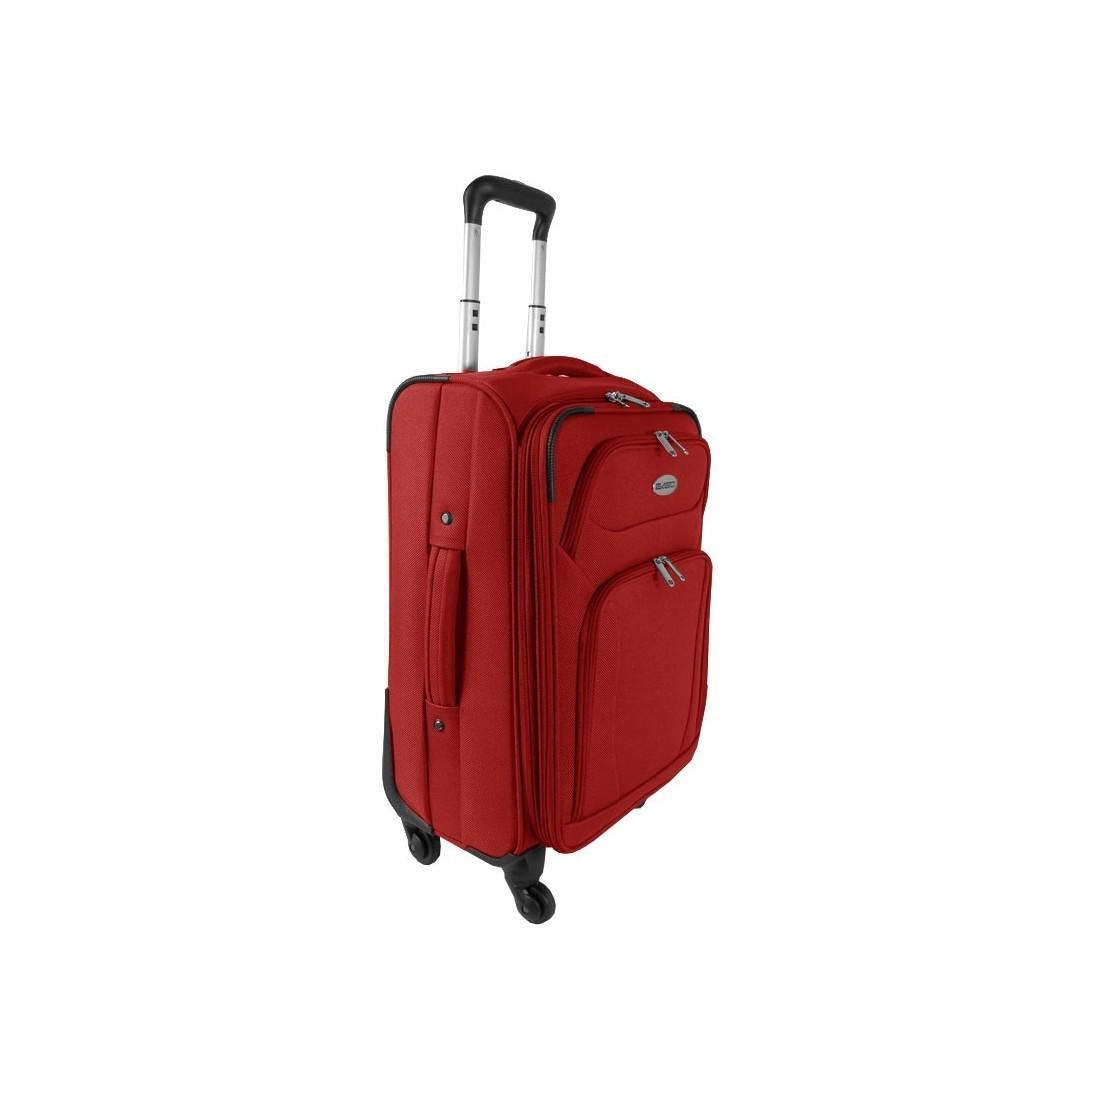 Walizka Mała Czerwona Premium - plecak-tornister.pl